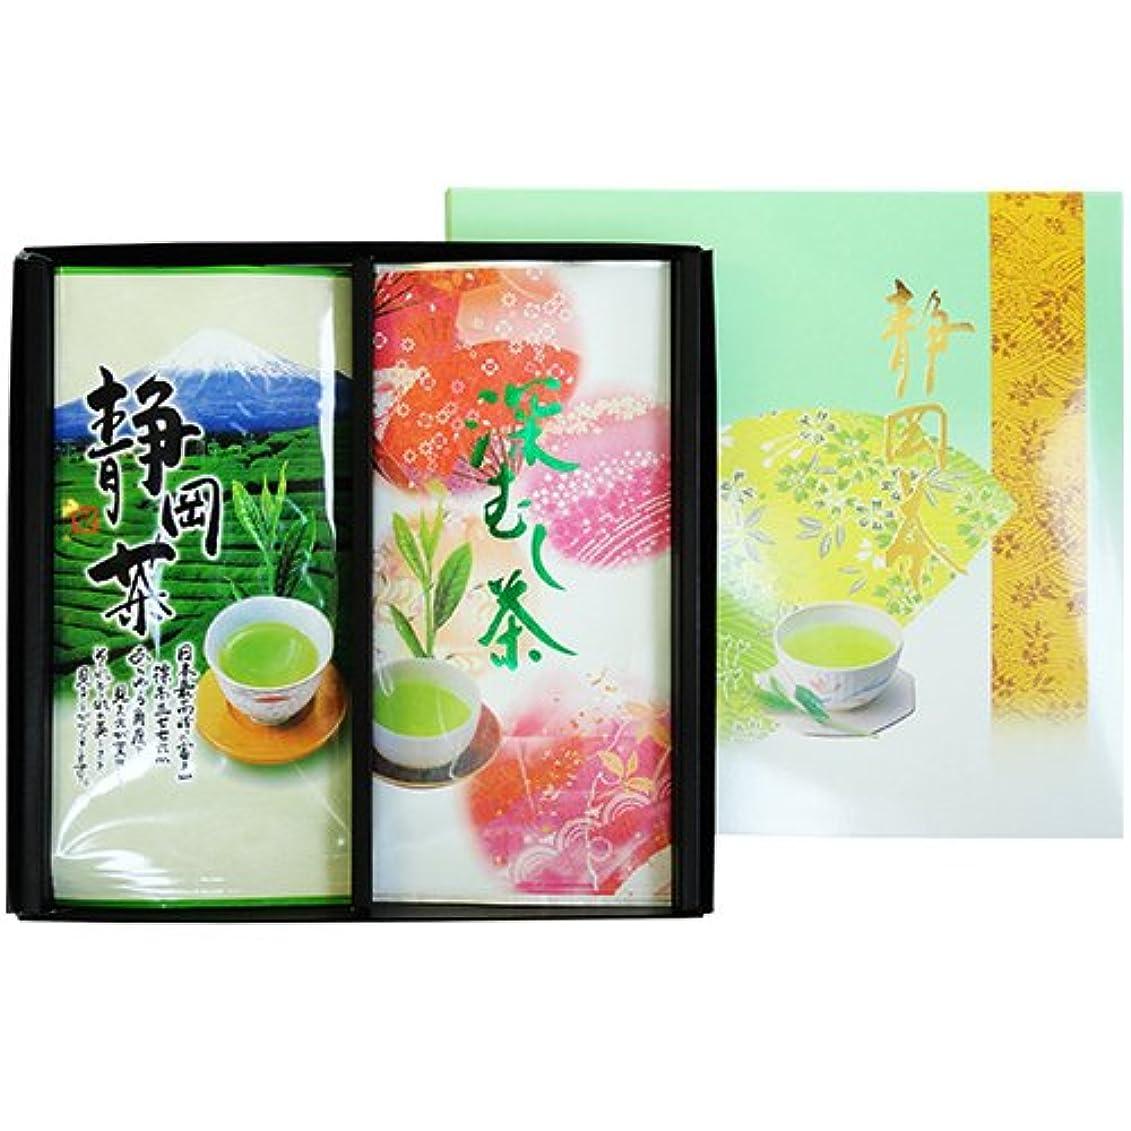 好き高架晩餐葉桐 静岡茶ギフト70g×2本 (70g×2)×1箱